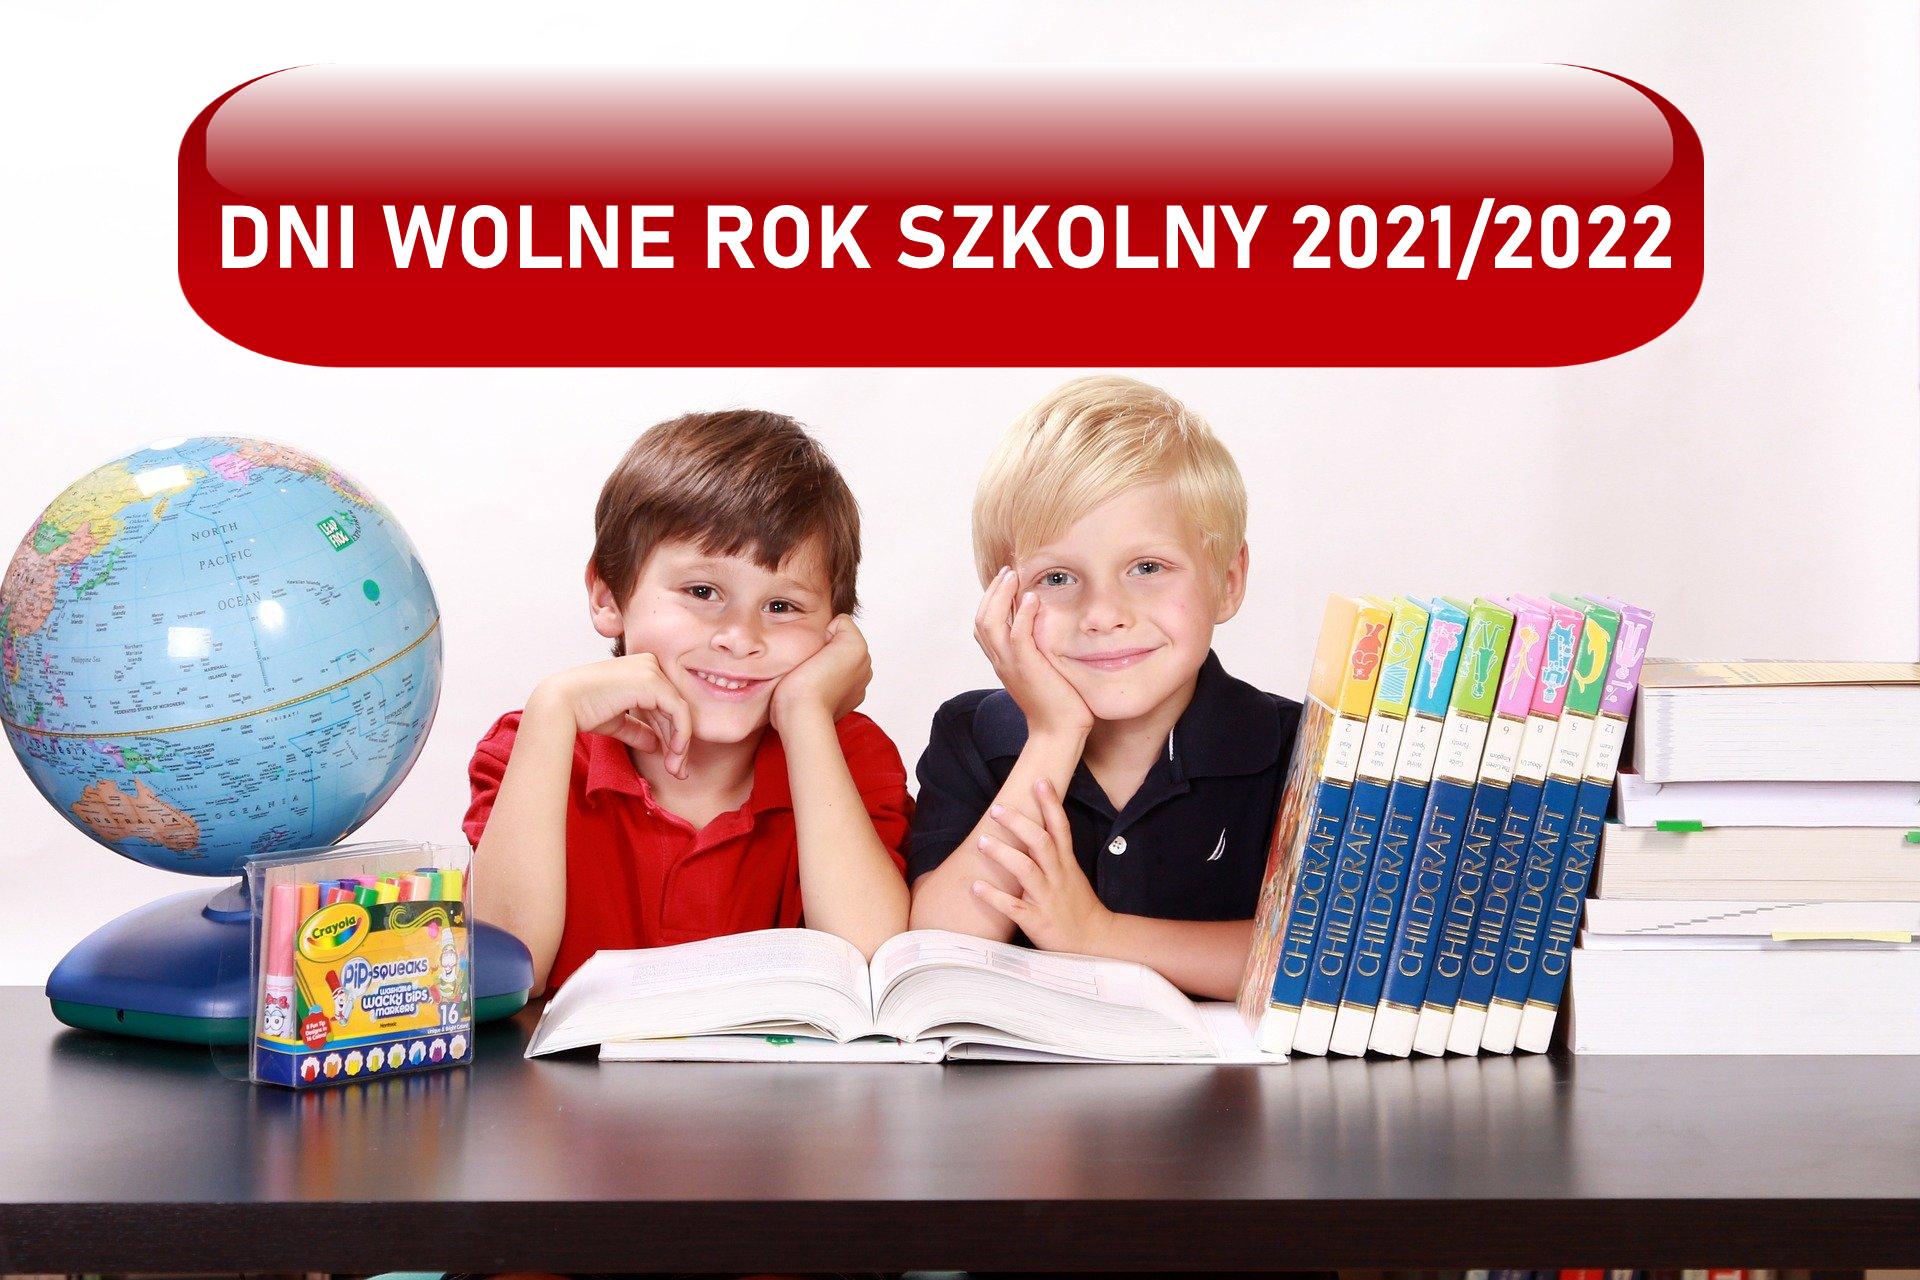 Nowy kalendarz szkolny 2021/2022. Kiedy przypadają dni wolne? [LISTA] - Zdjęcie główne